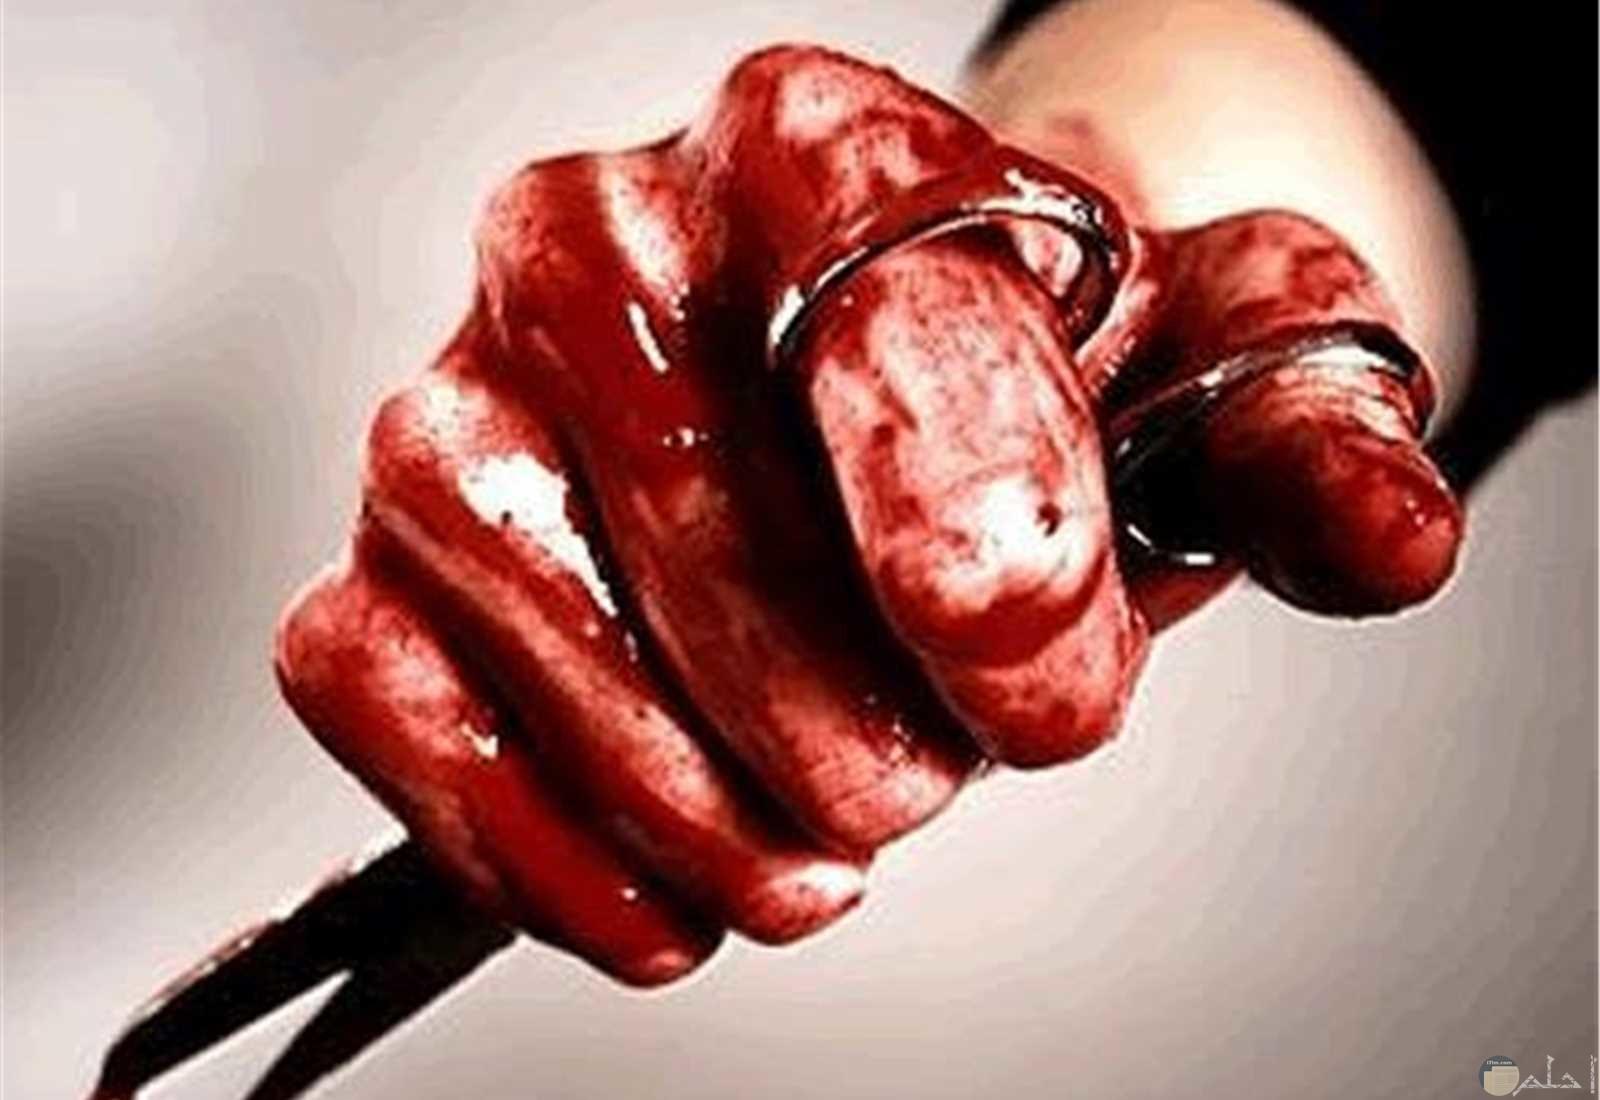 يد ملطخة بدماء حمراء